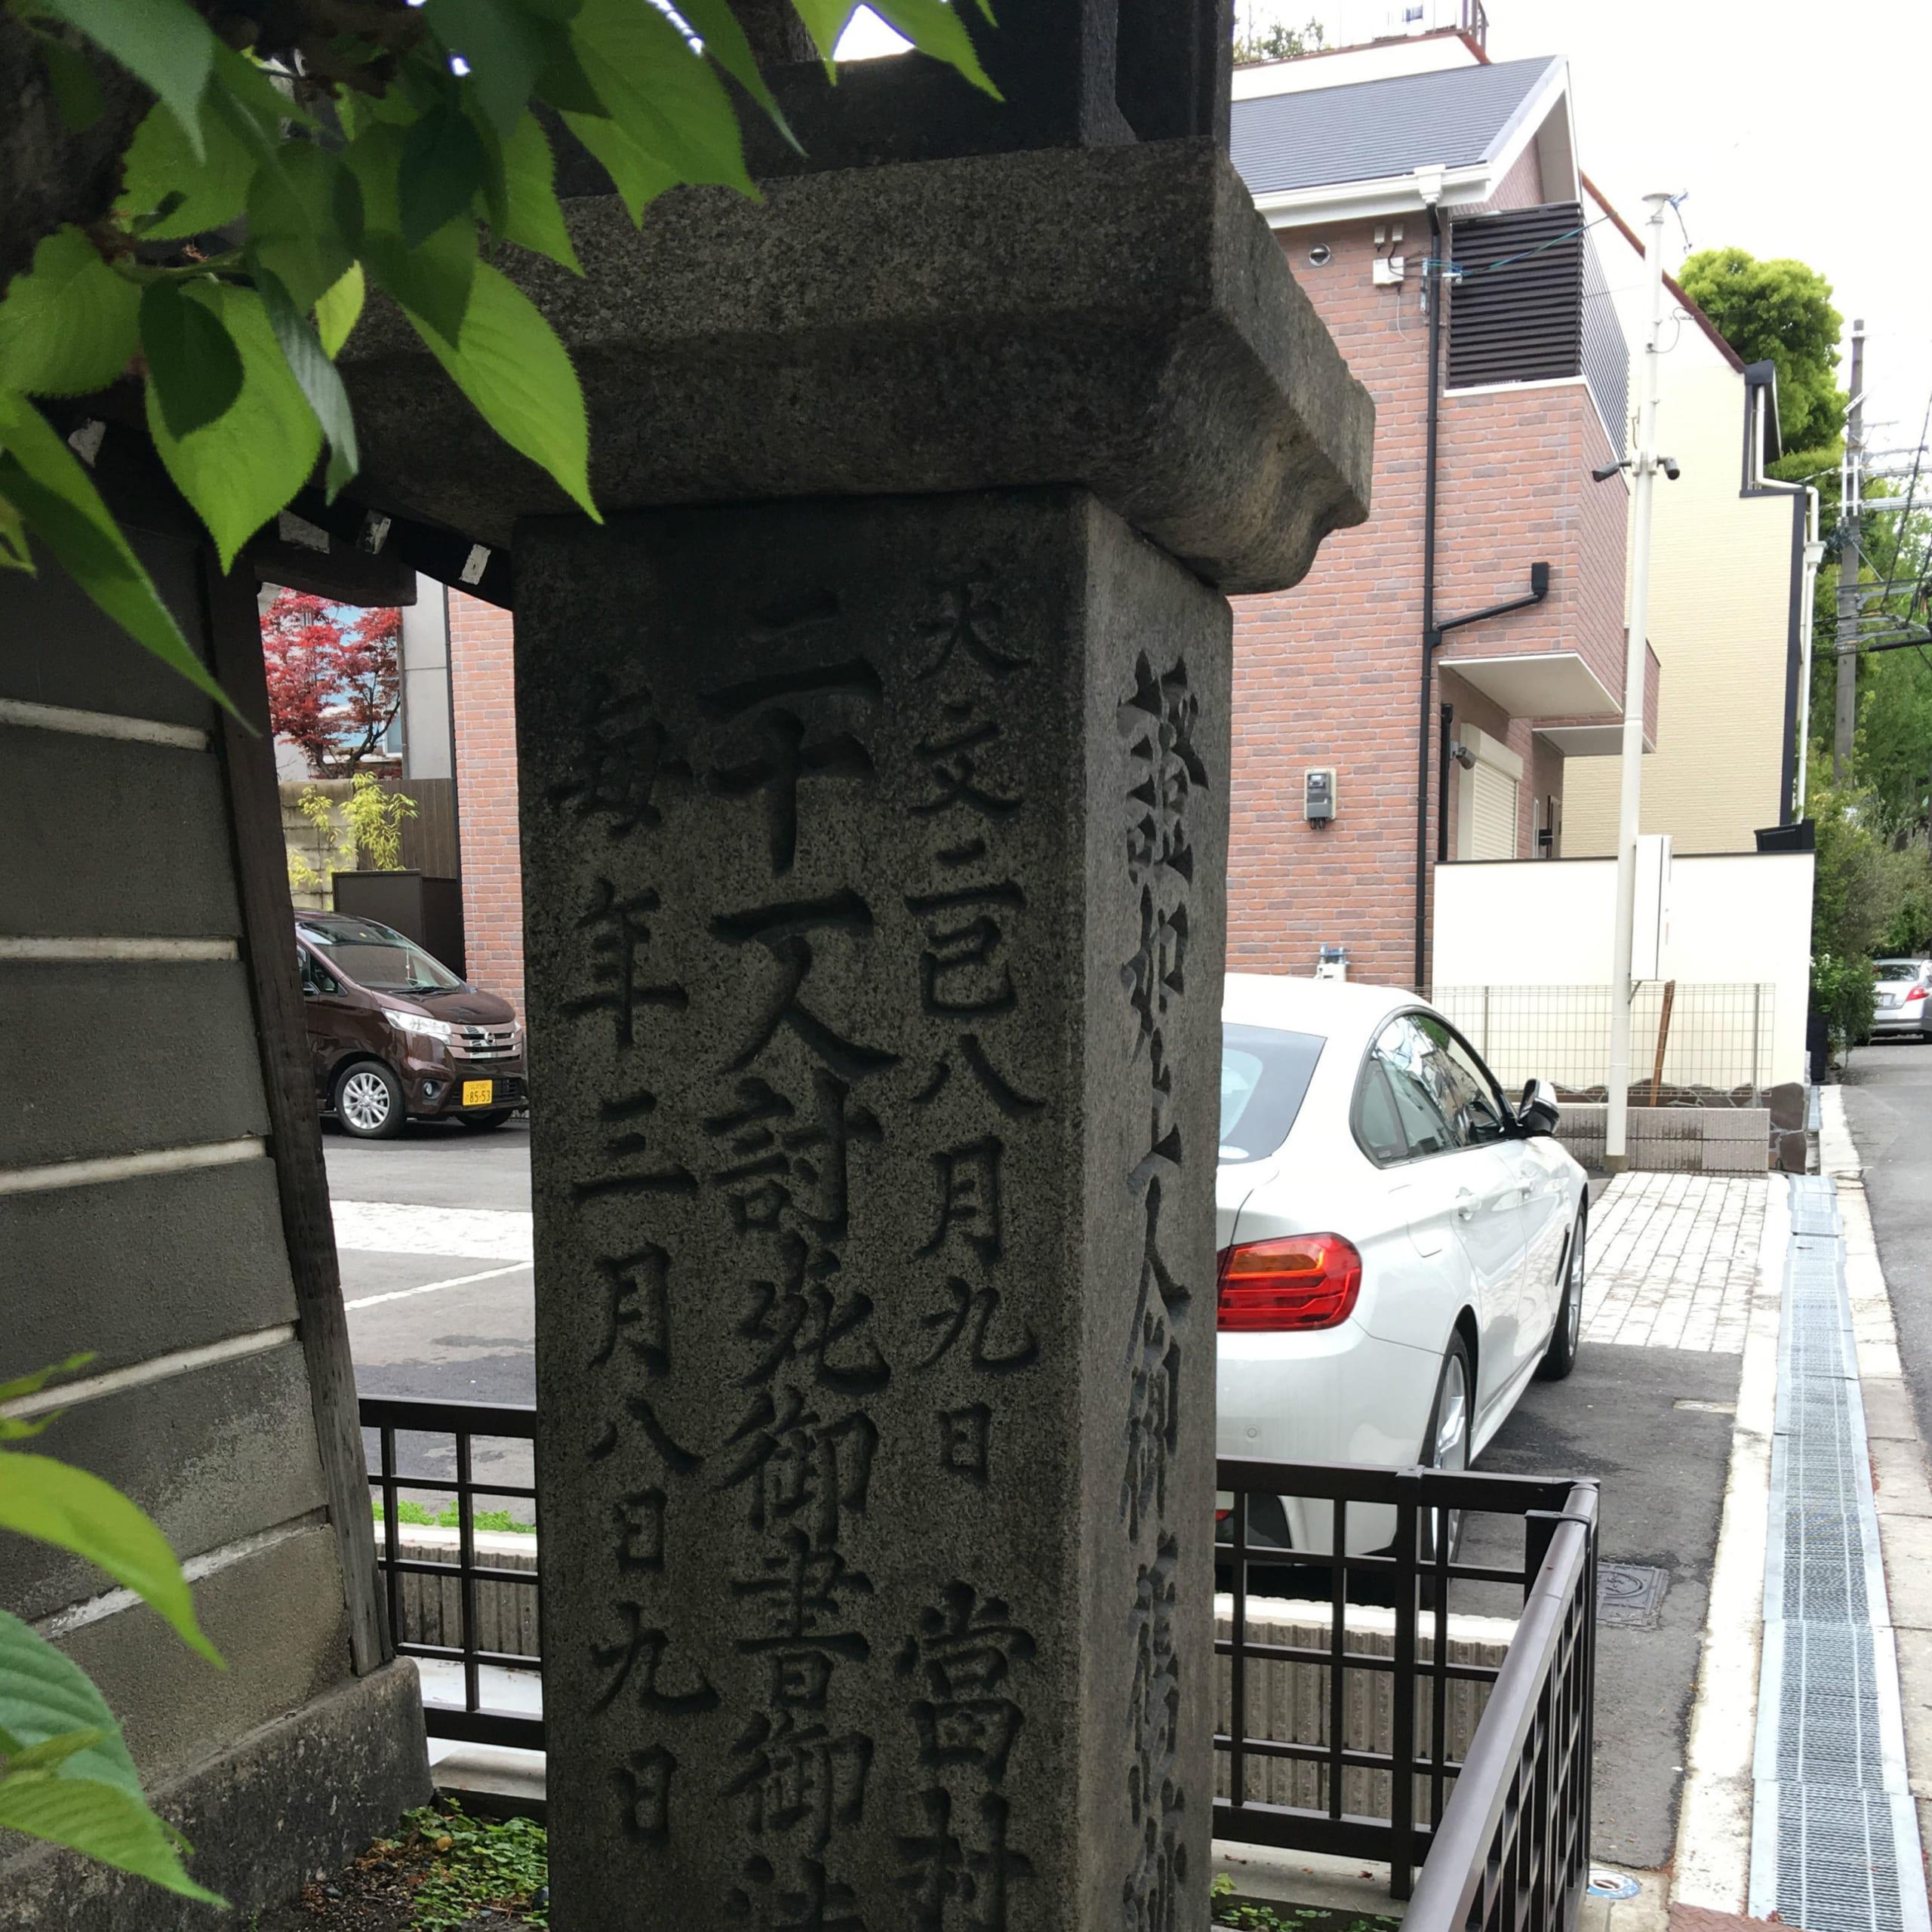 大坂冬の陣・野田福島の戦い跡を歩く【後編】